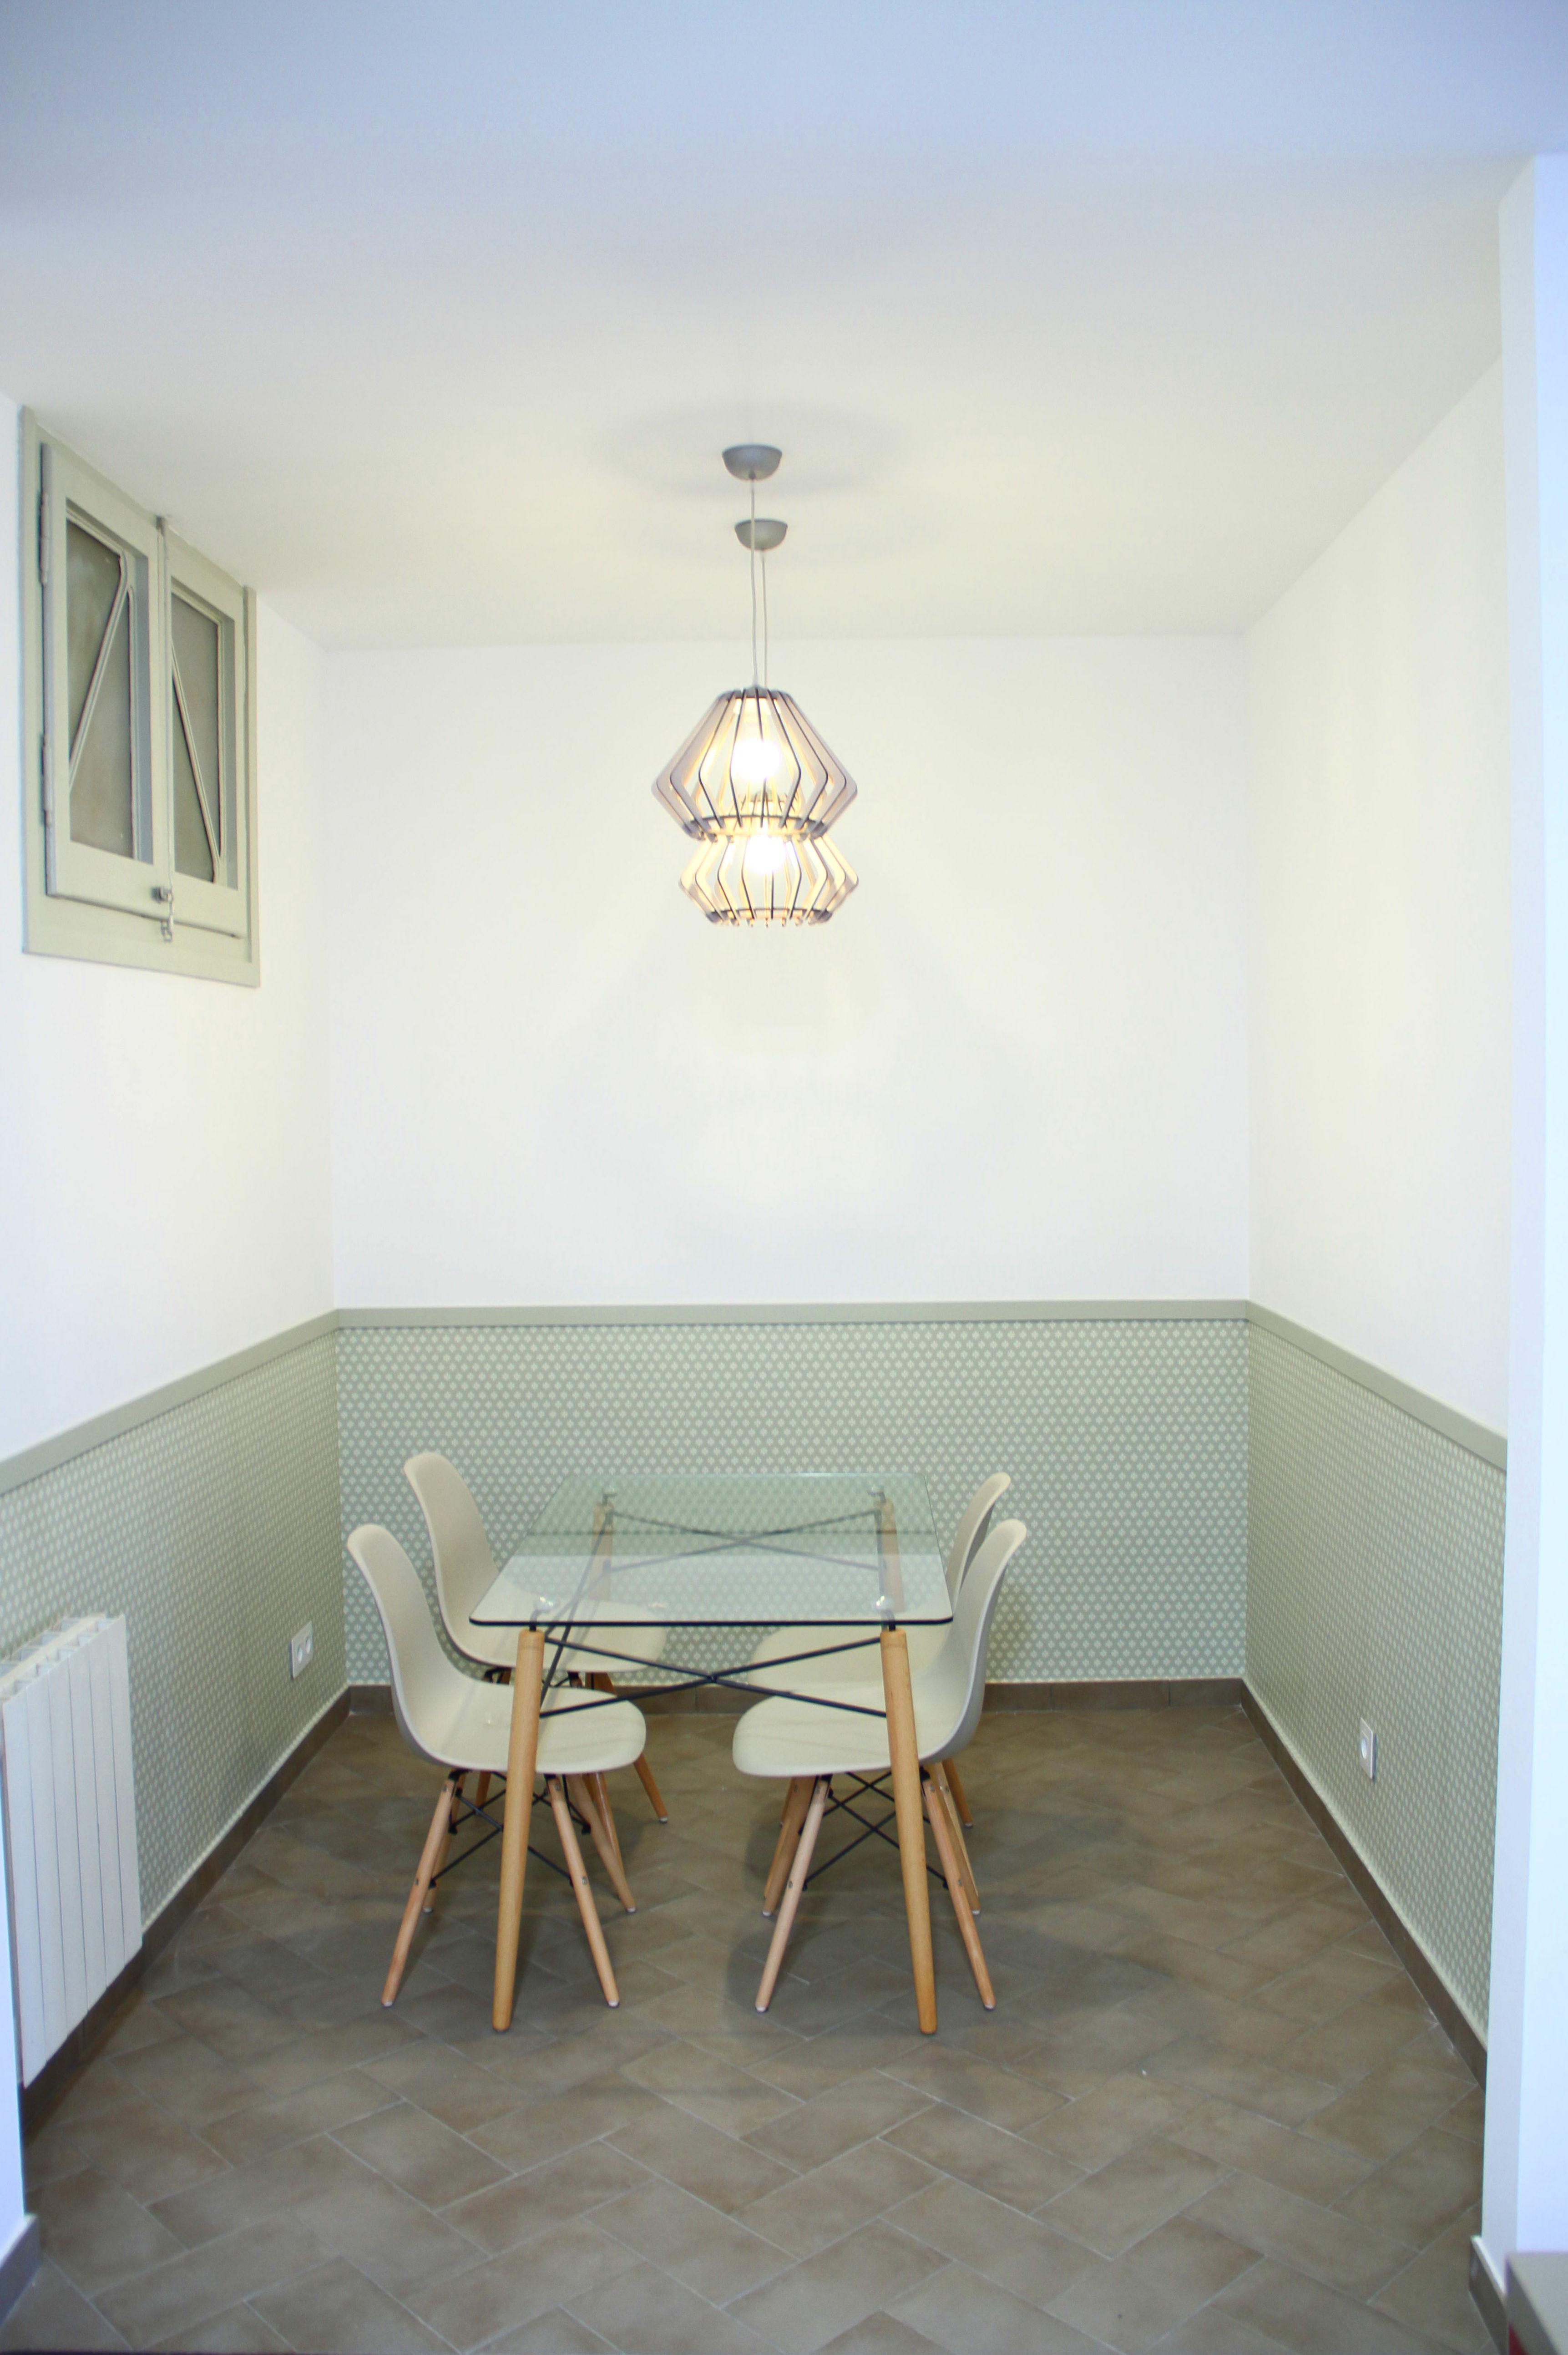 Foto 18 de Proyectos de interiorismo en Badalona | Delblanch Cuines i Interiors